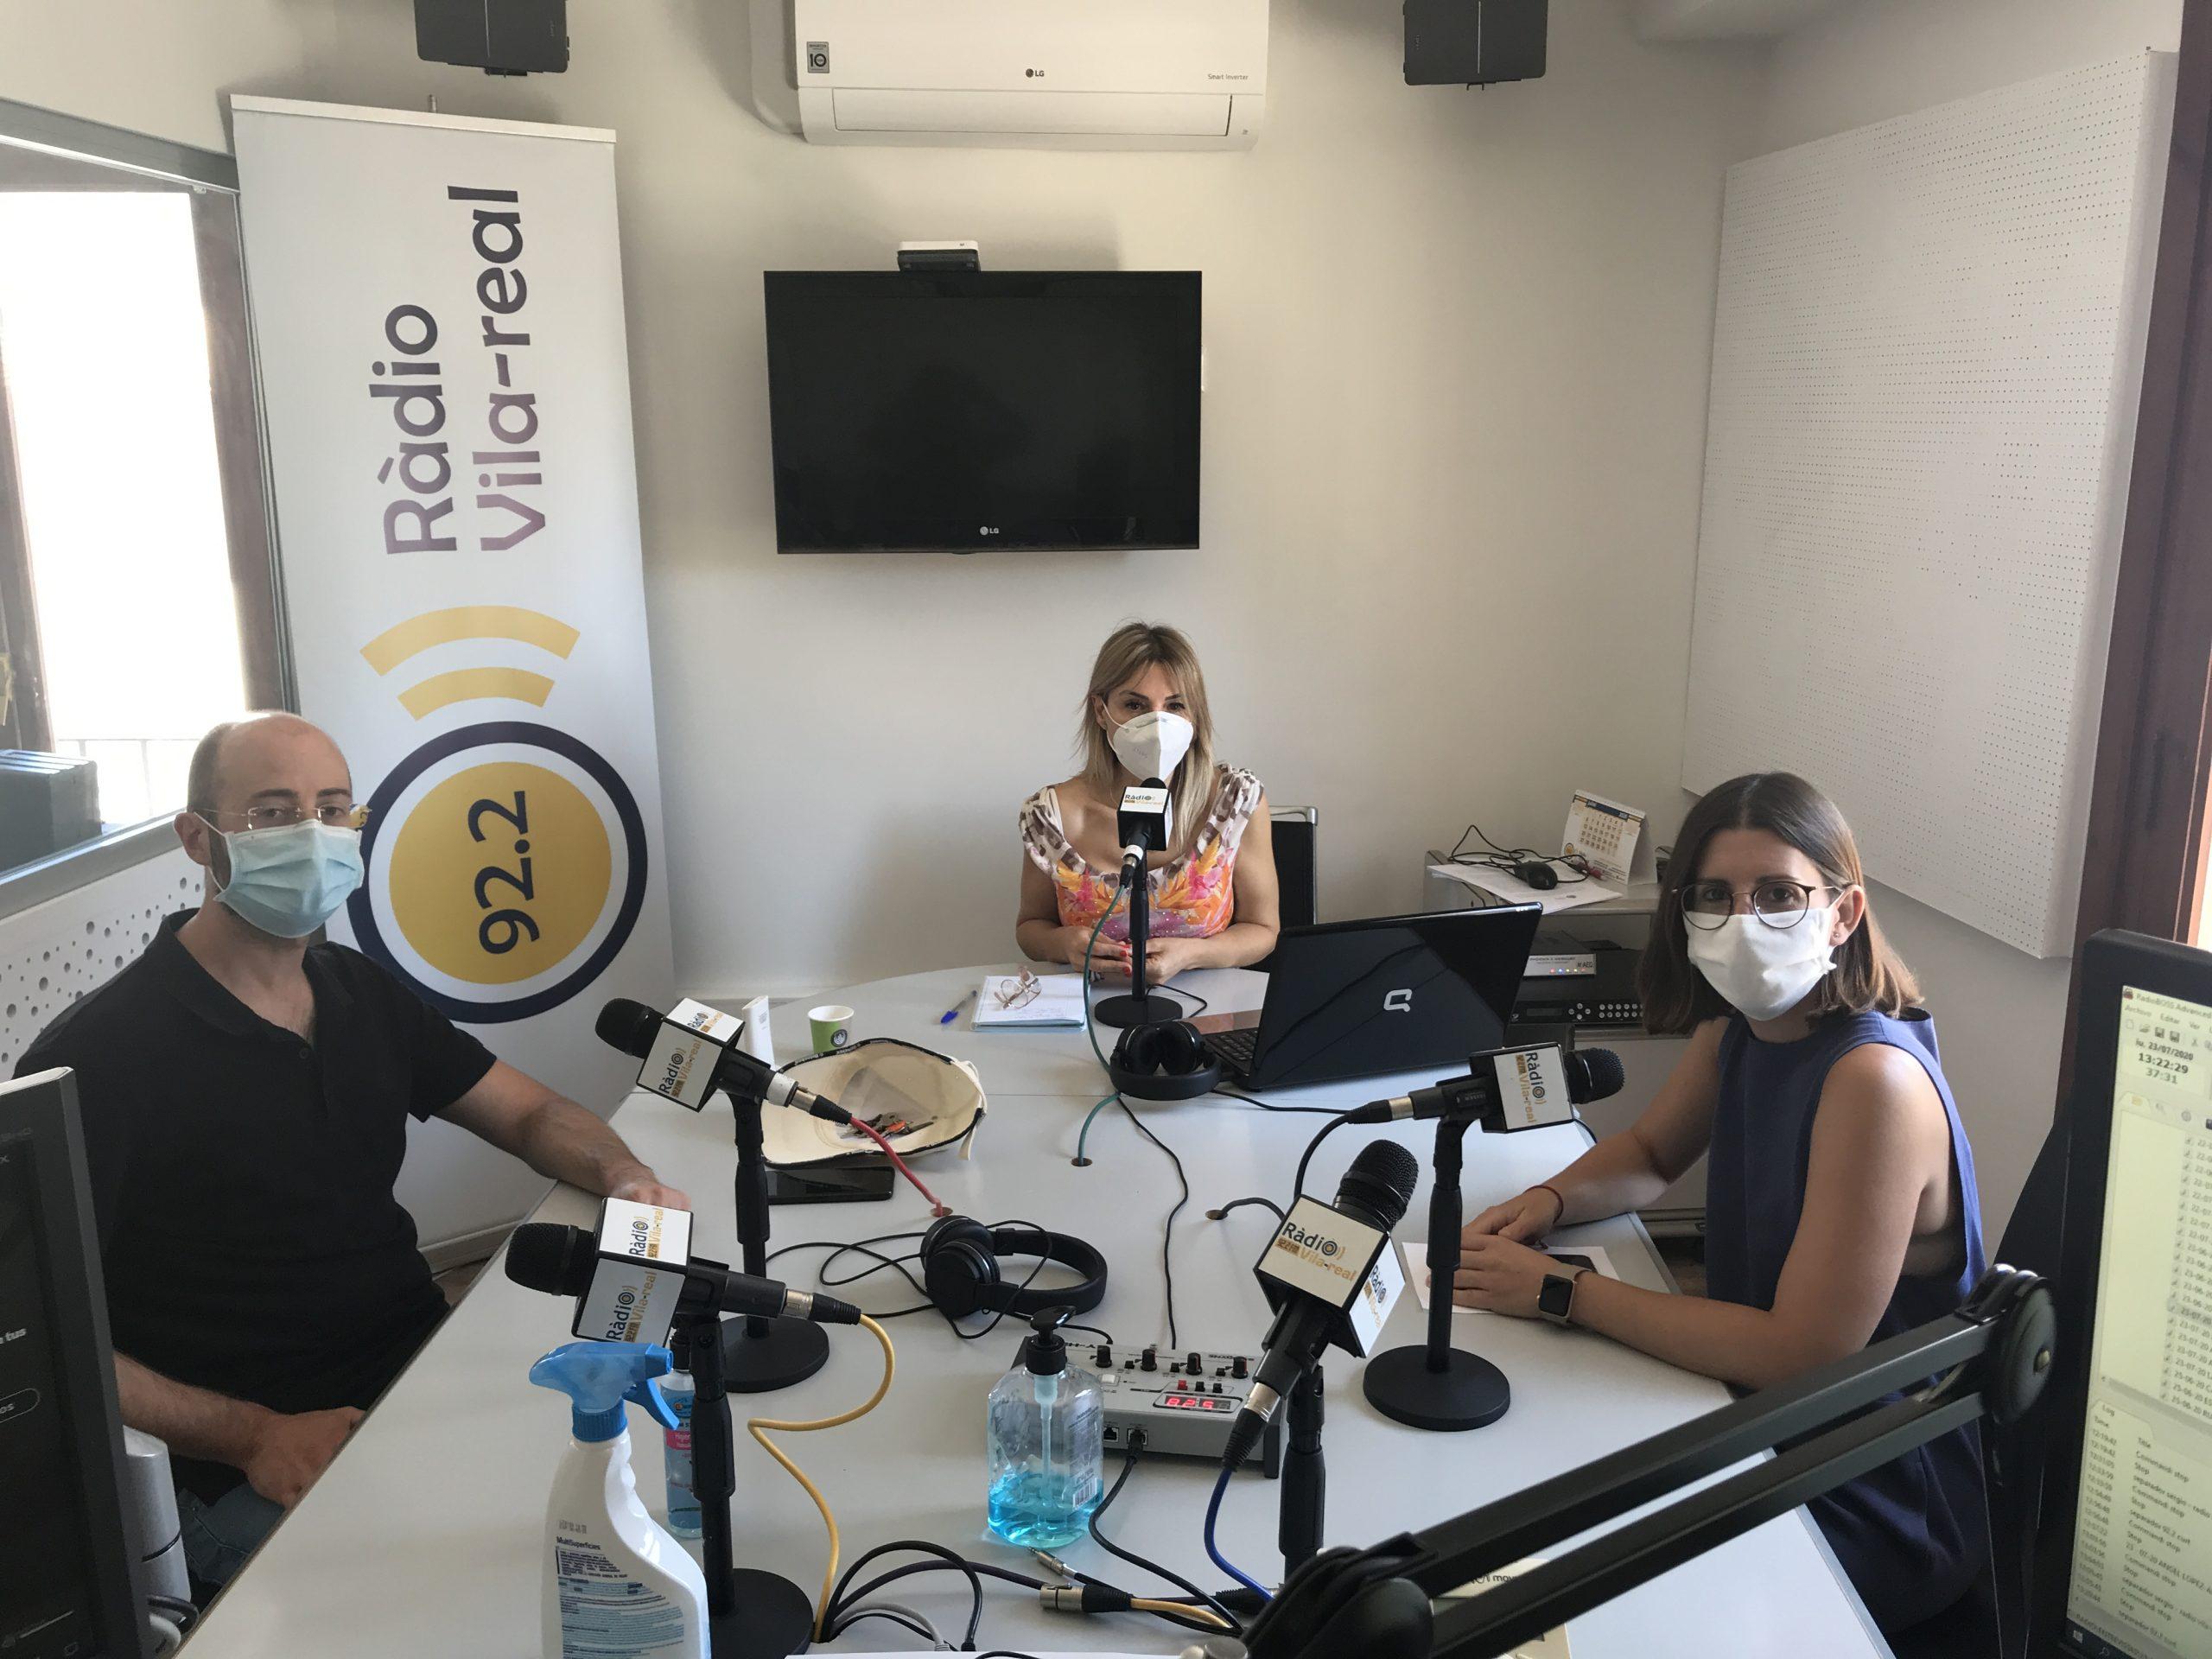 Entrevista a la concejala de Tradiciones de Vila-real, Noelia Samblás, y el presidente de la Unió Musical La Lira, Juanjo Peláez